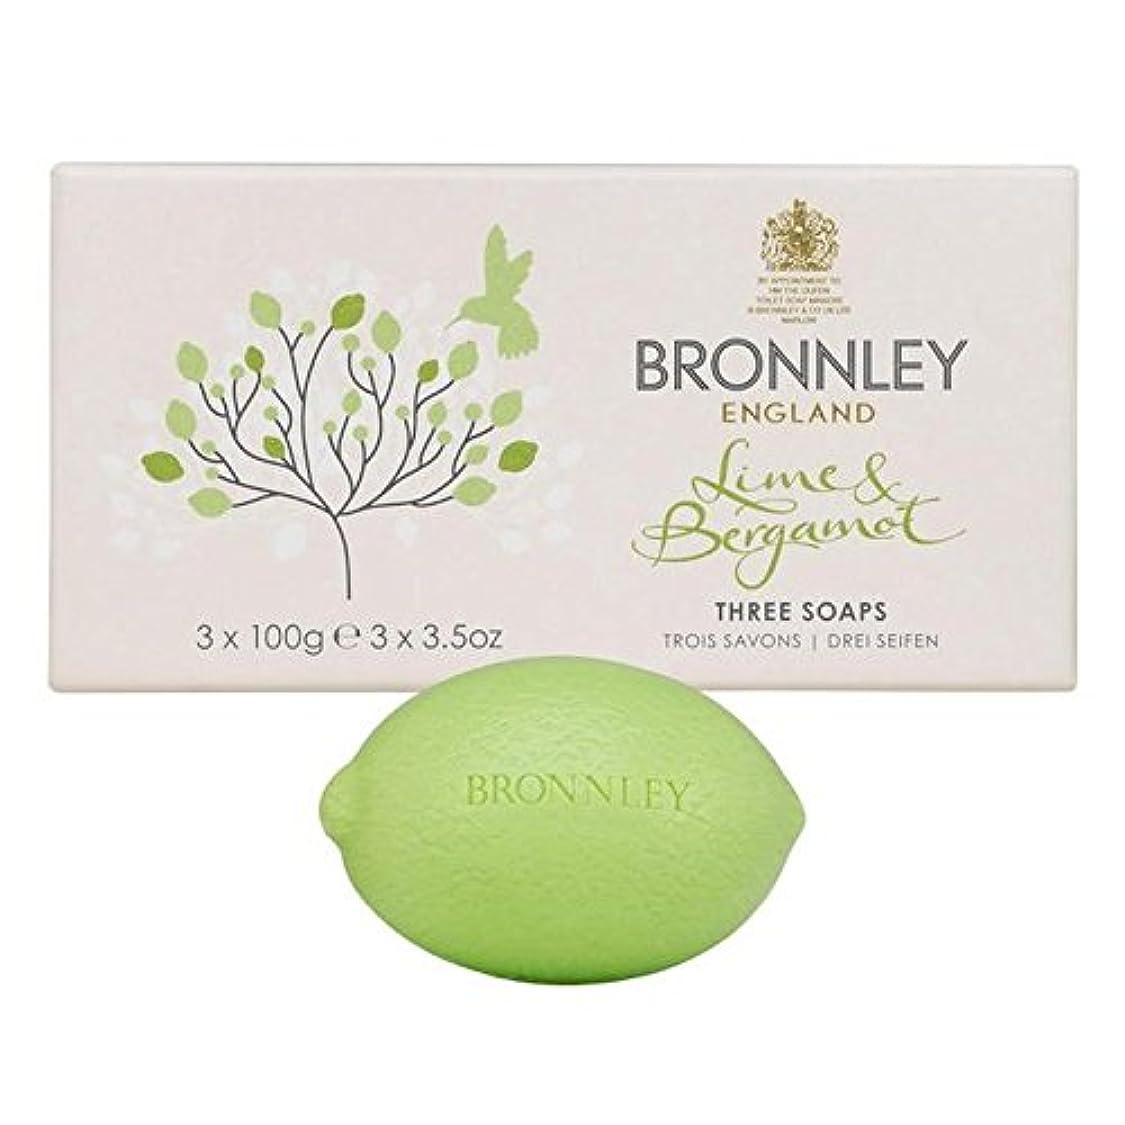 コミットルアー急いでBronnley Lime & Bergamot Soap 3 x 100g - ライム&ベルガモット石鹸3×100グラム [並行輸入品]